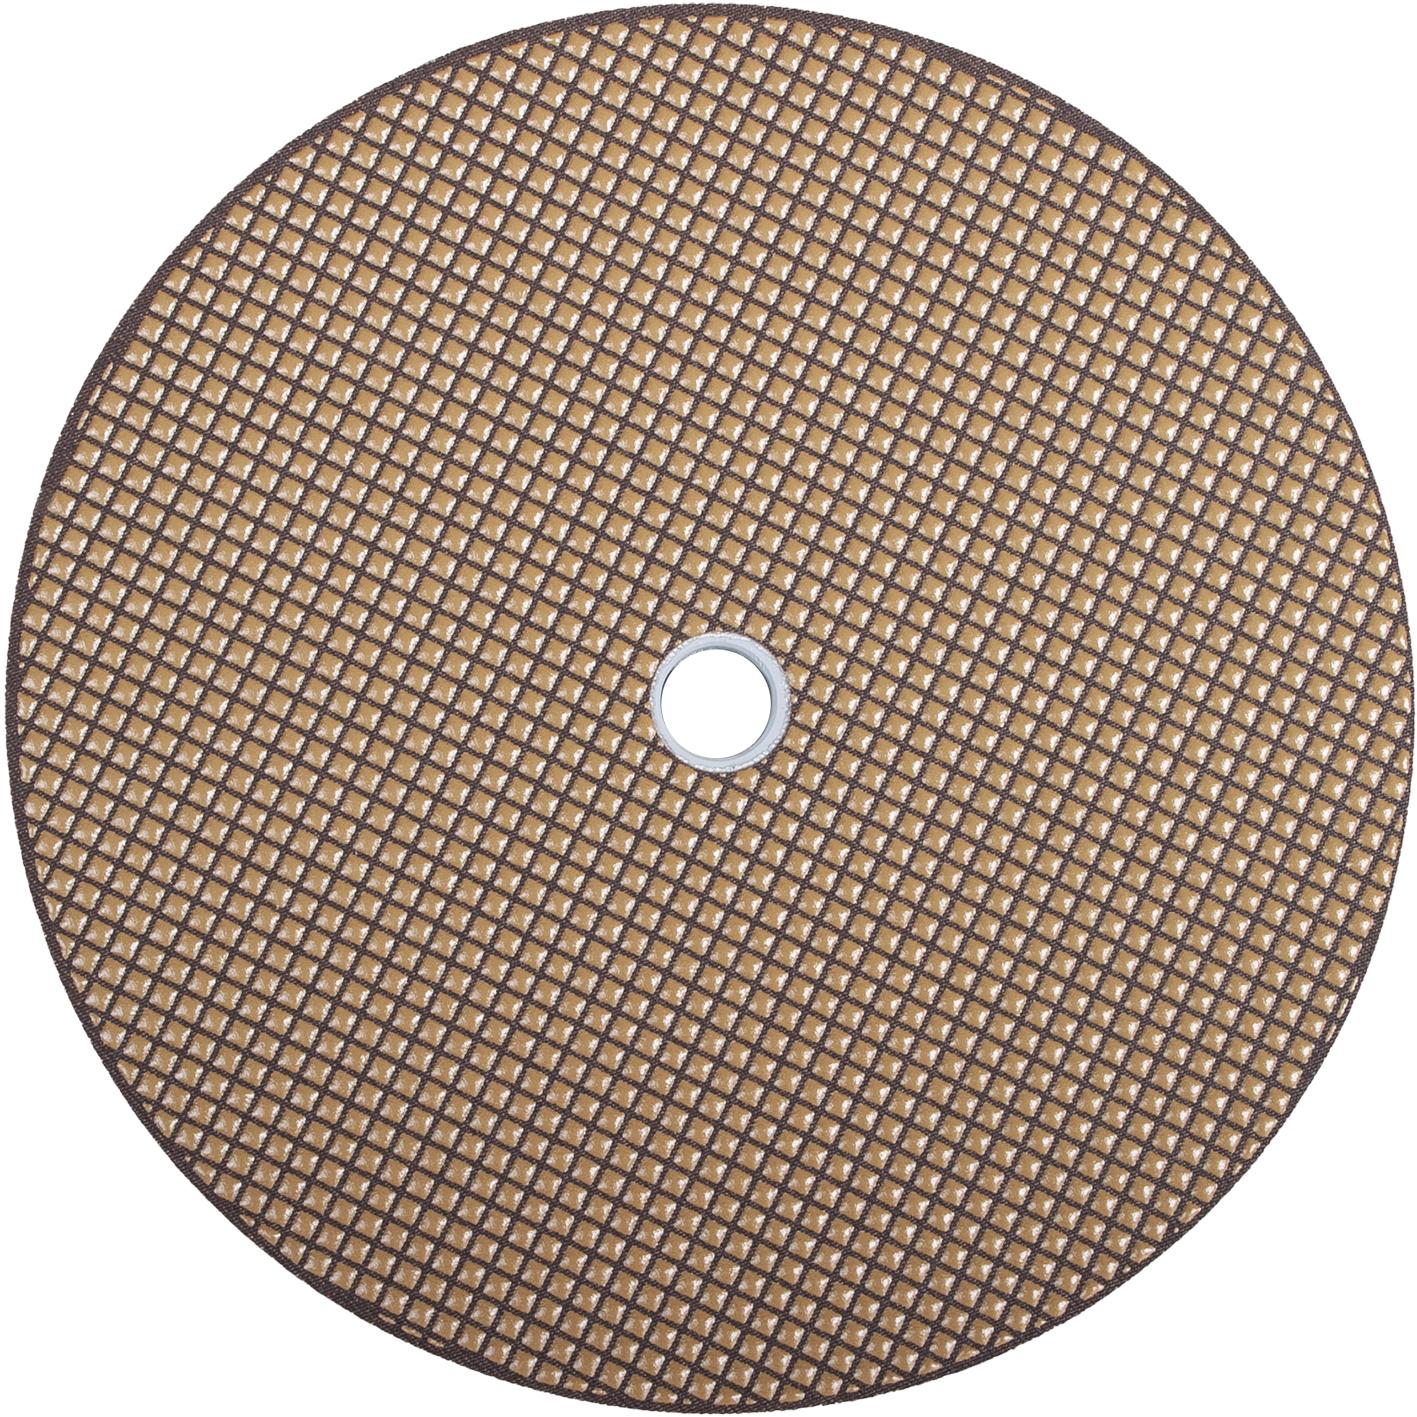 Diamantschleifteller OCTRON ø 250 mm | Klett | Korn 1500